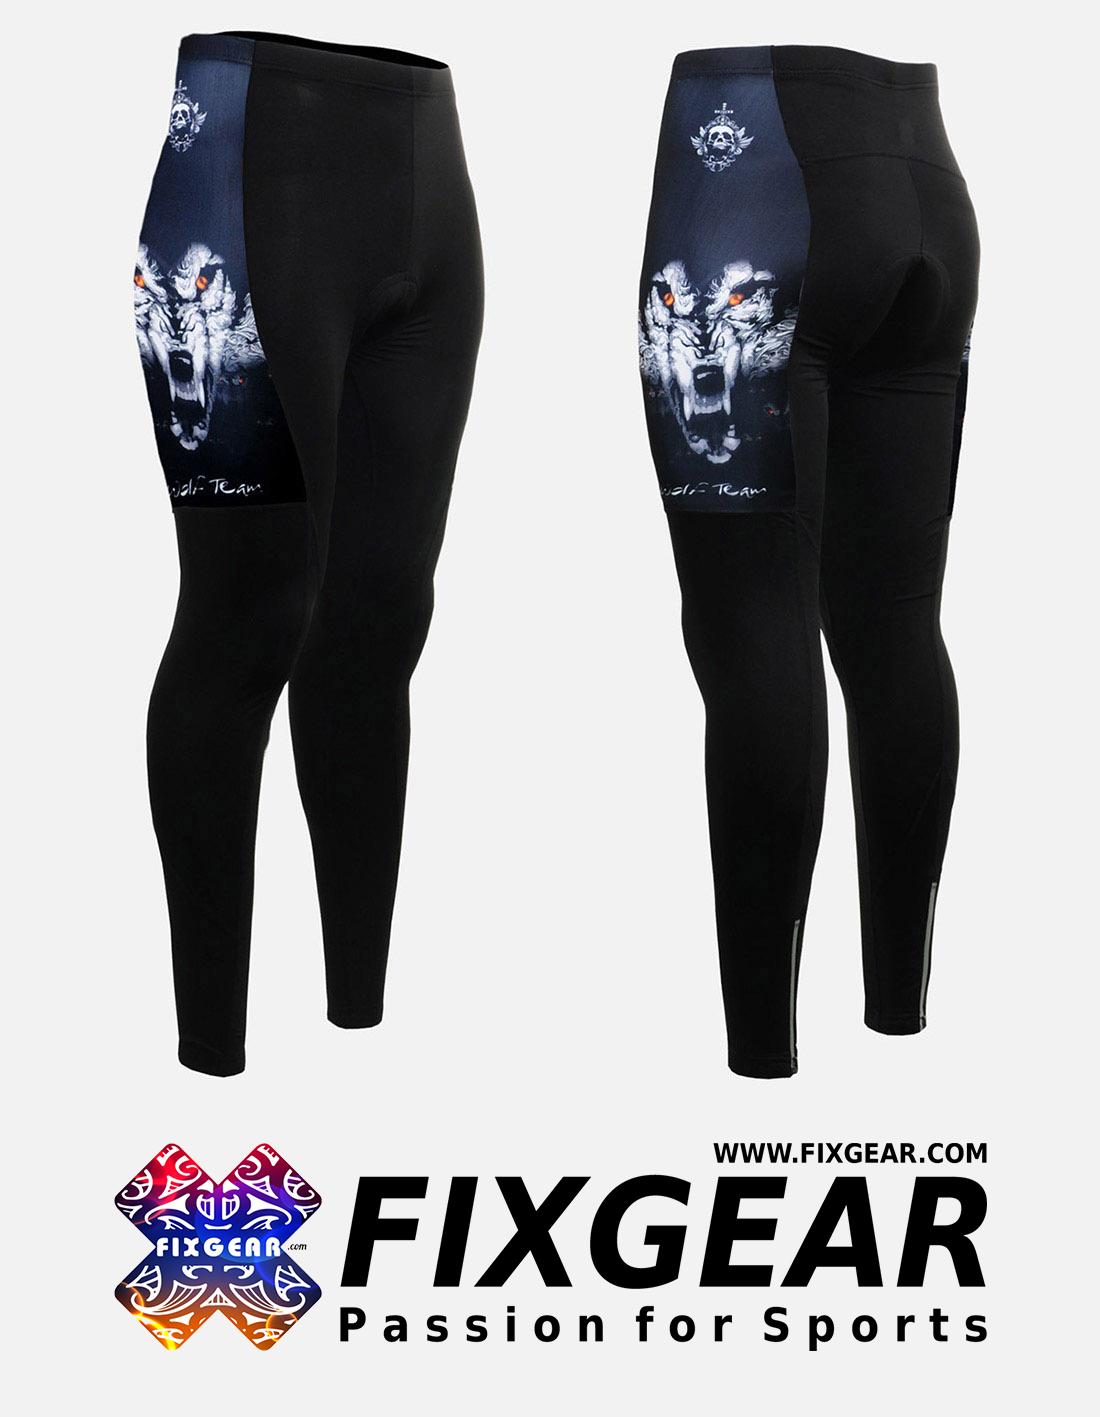 FIXGEAR LT-W18 Women's Cycling Padded Long Pants